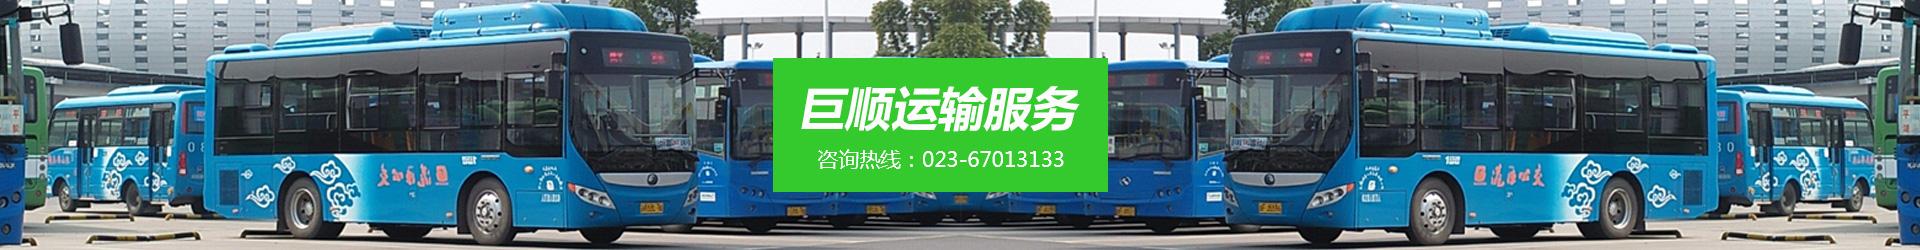 重庆大客车租赁